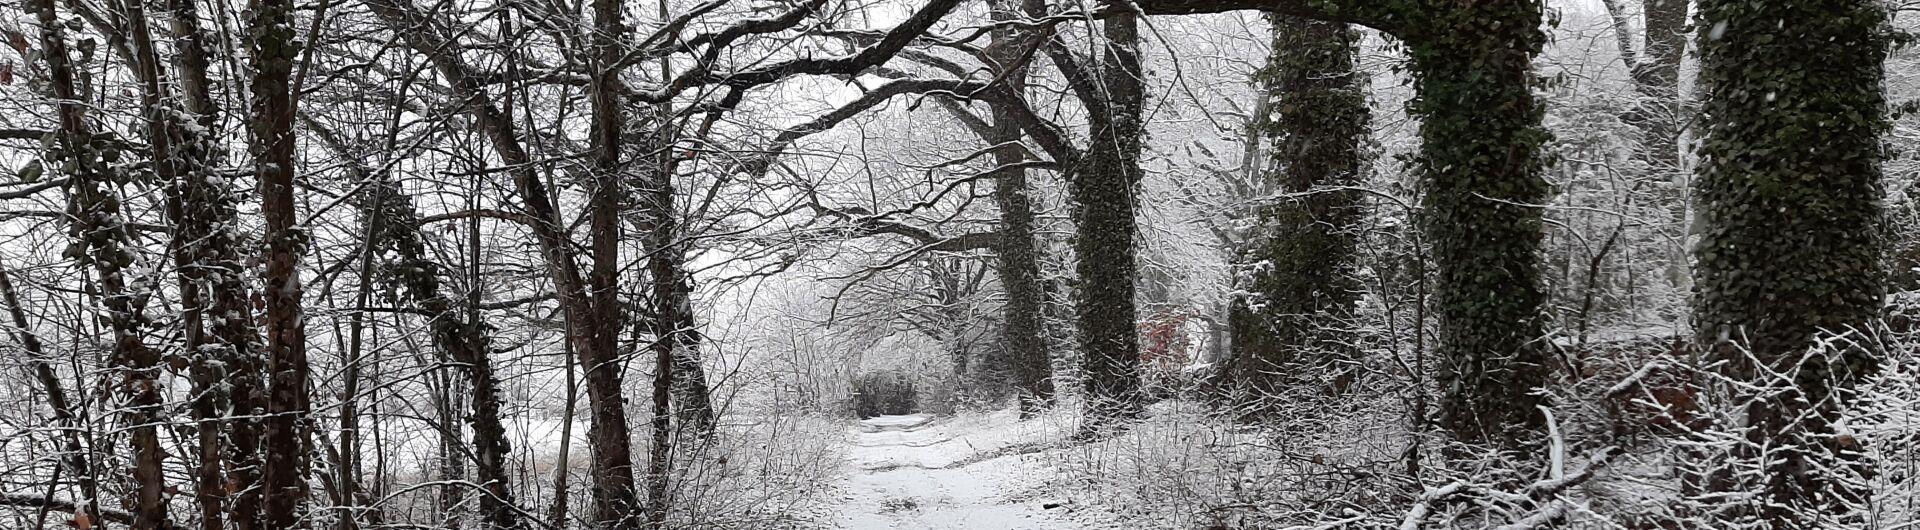 Schleichwege, 23.01.2021, Fotorechte: U. Schöne